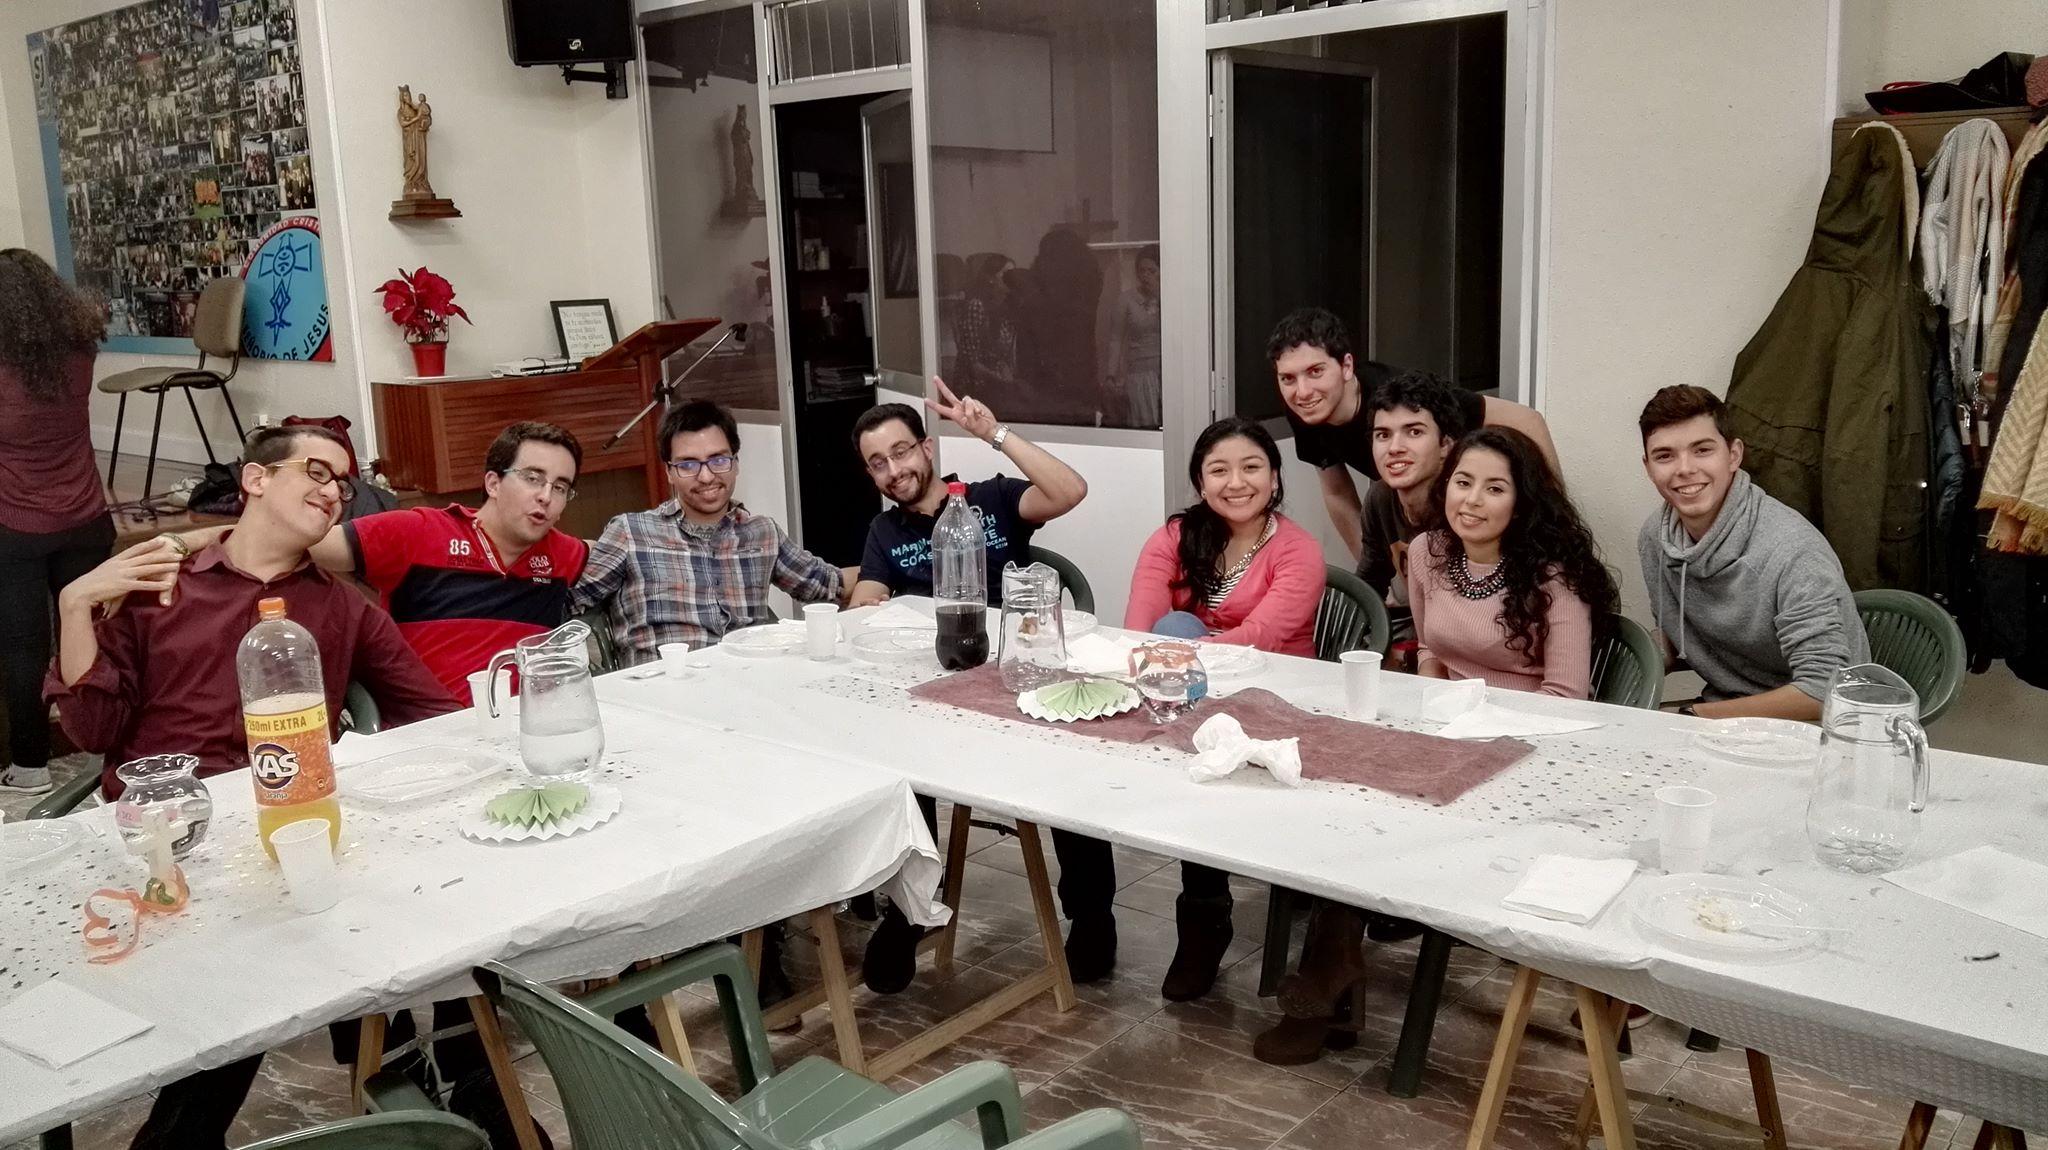 2017.02.04 - CASD FGNV con Sector Familias (2).jpg